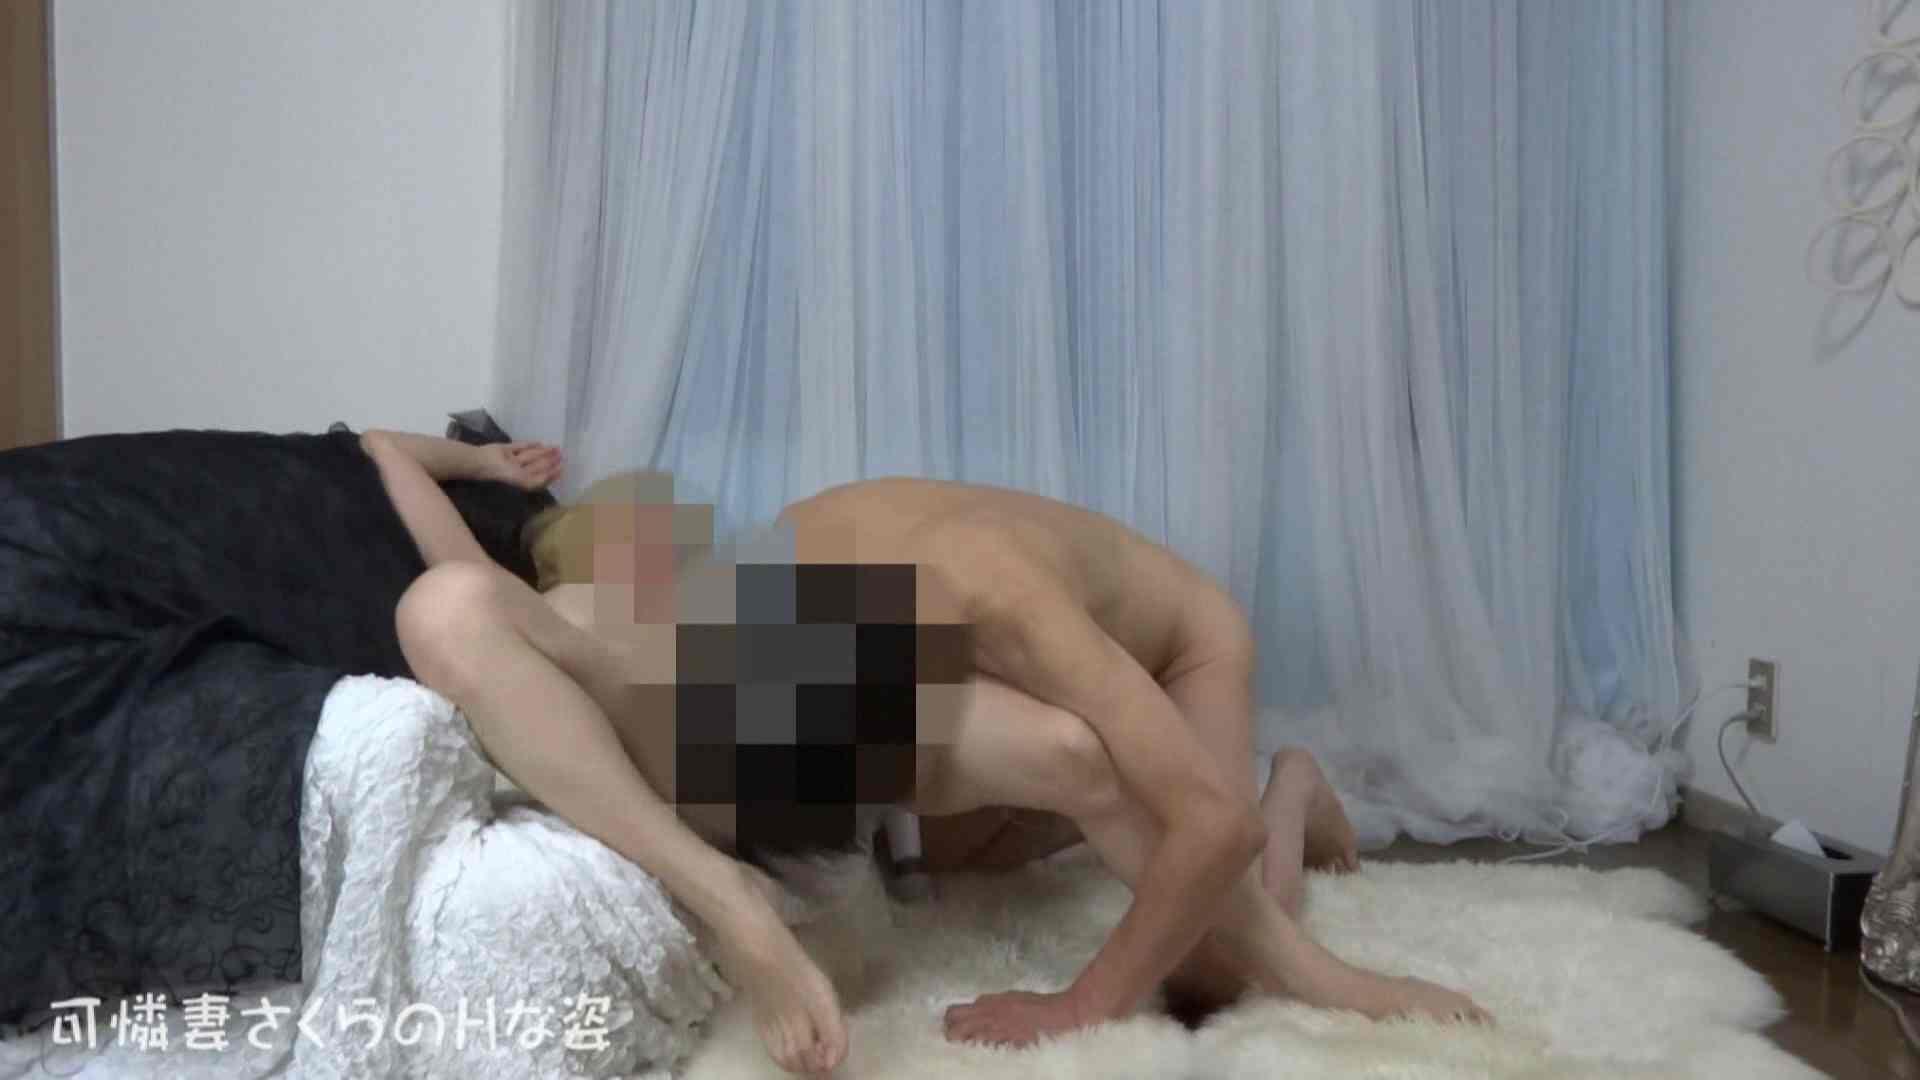 可憐妻さくらのHな姿vol.29 セックス セックス画像 106pic 13